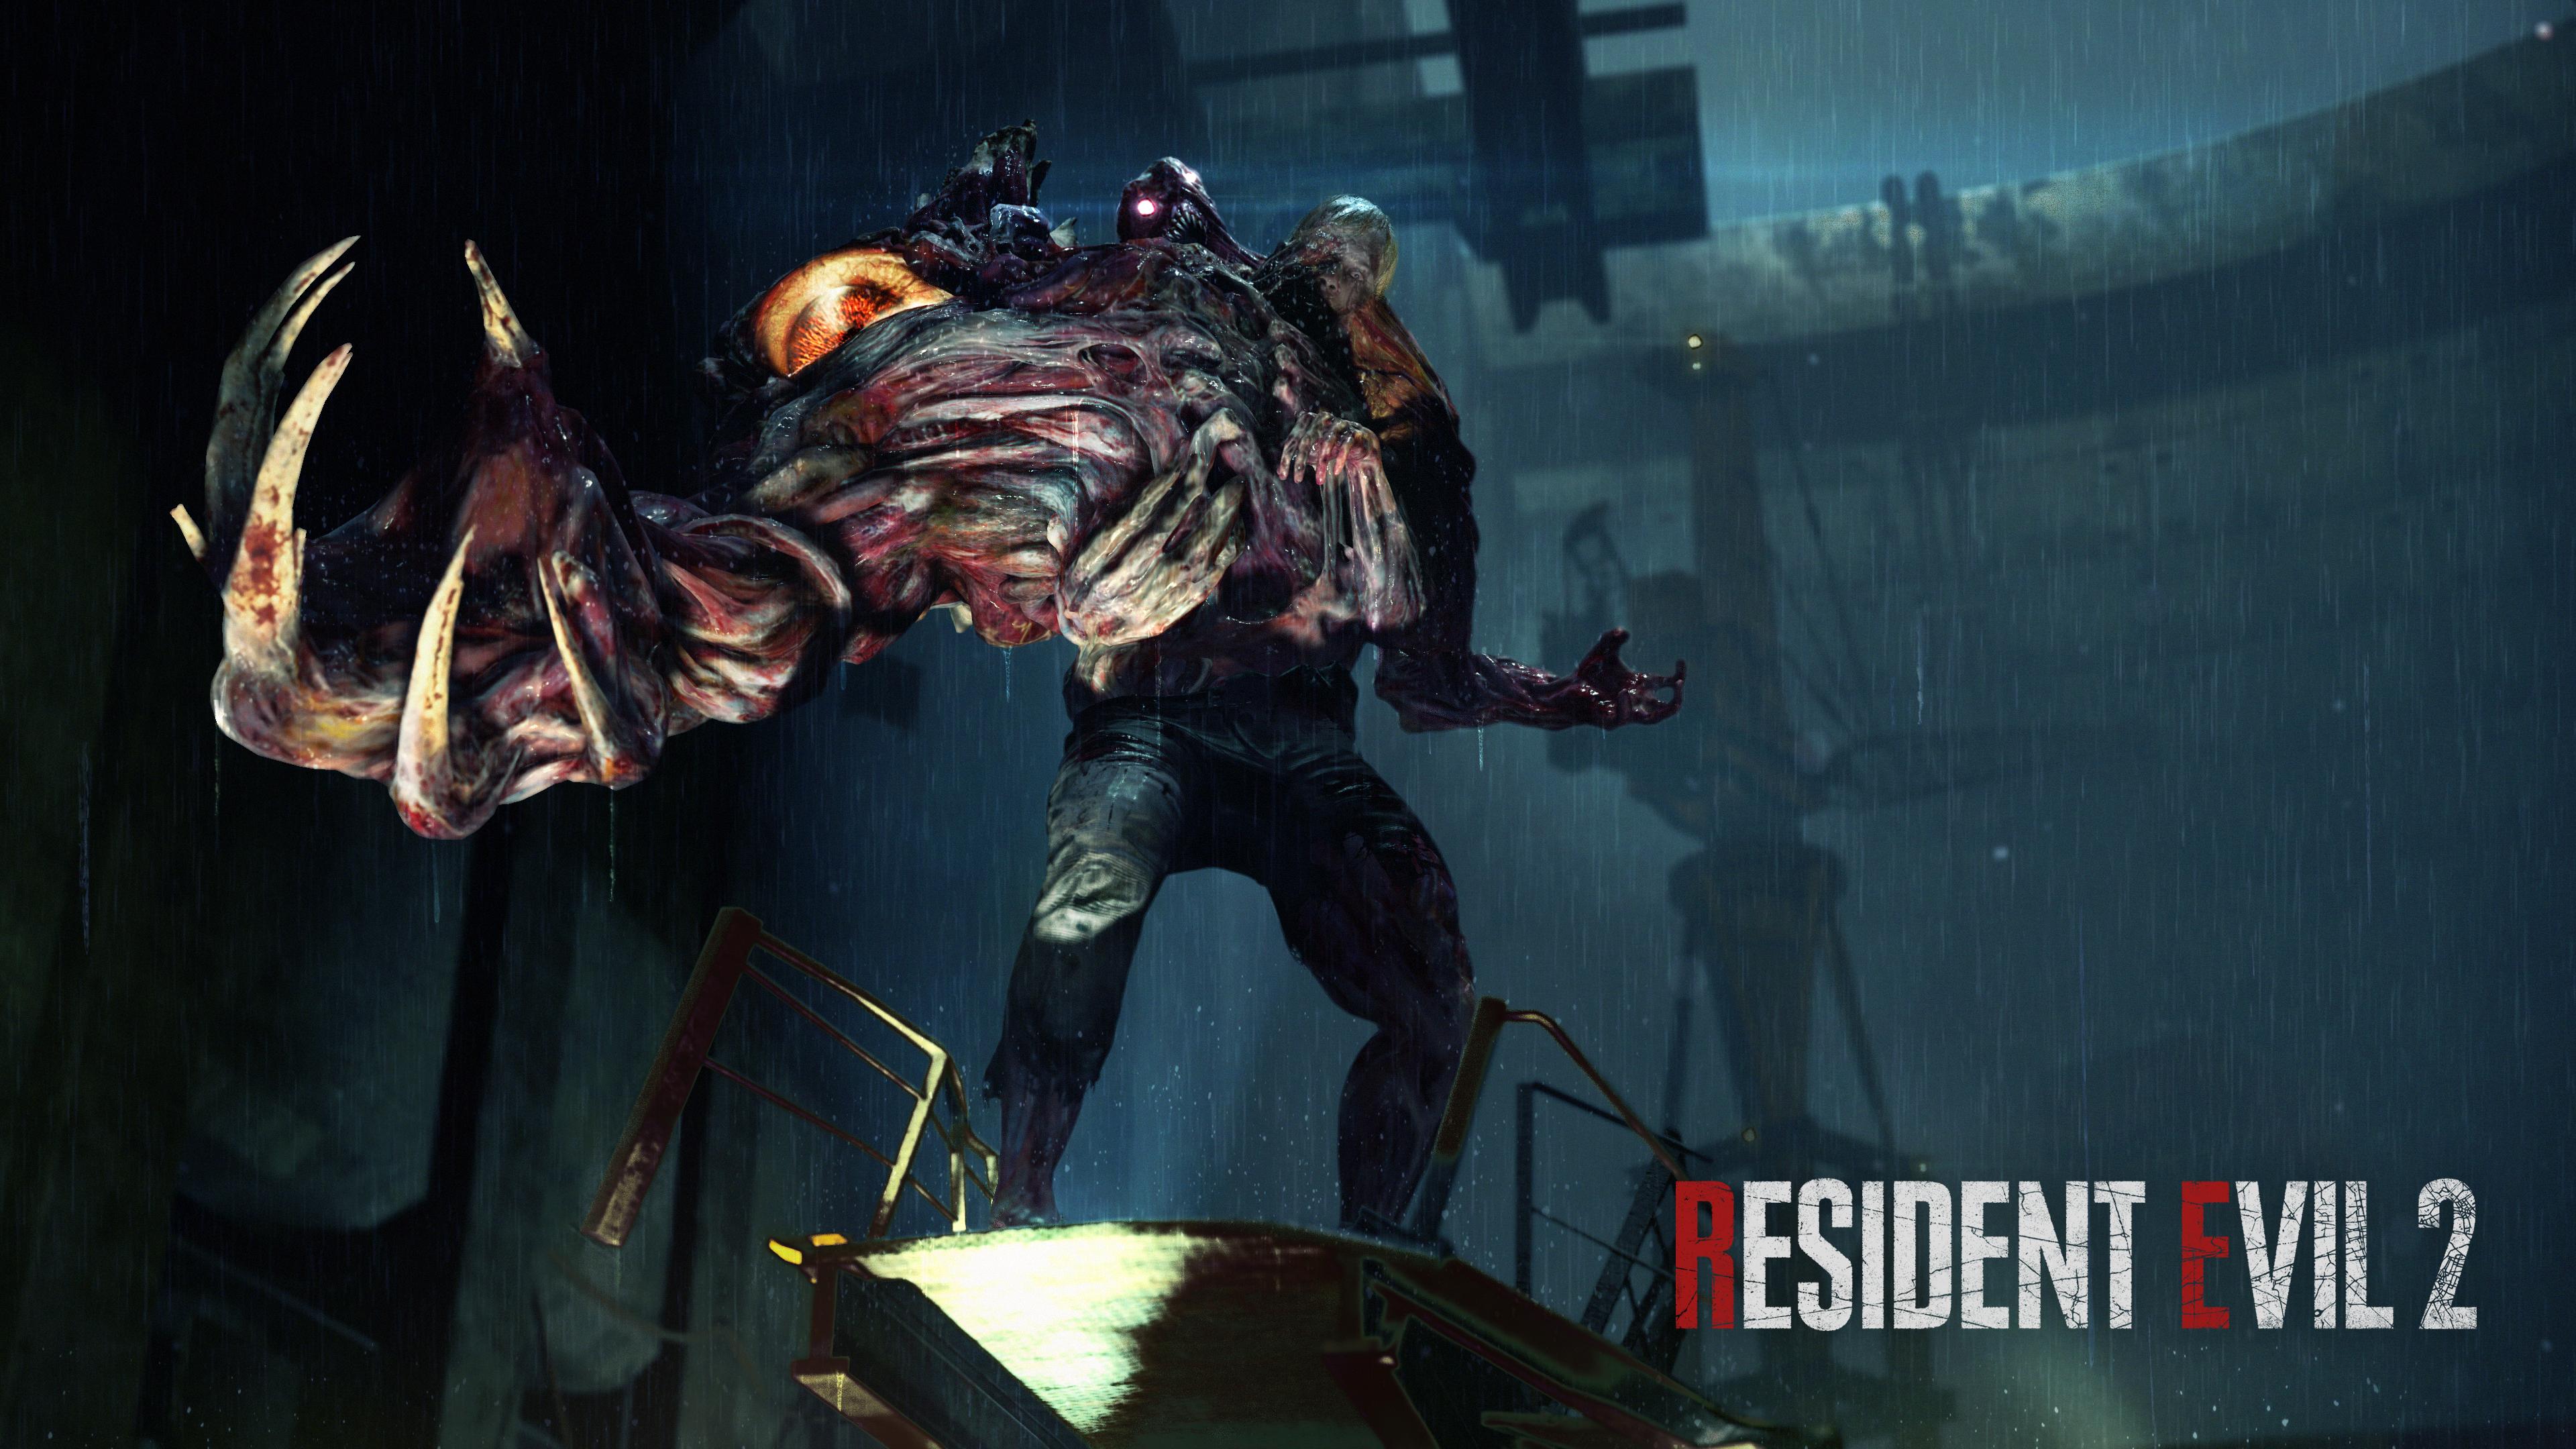 Resident Evil Wallpaper 4k Posted By Ethan Johnson